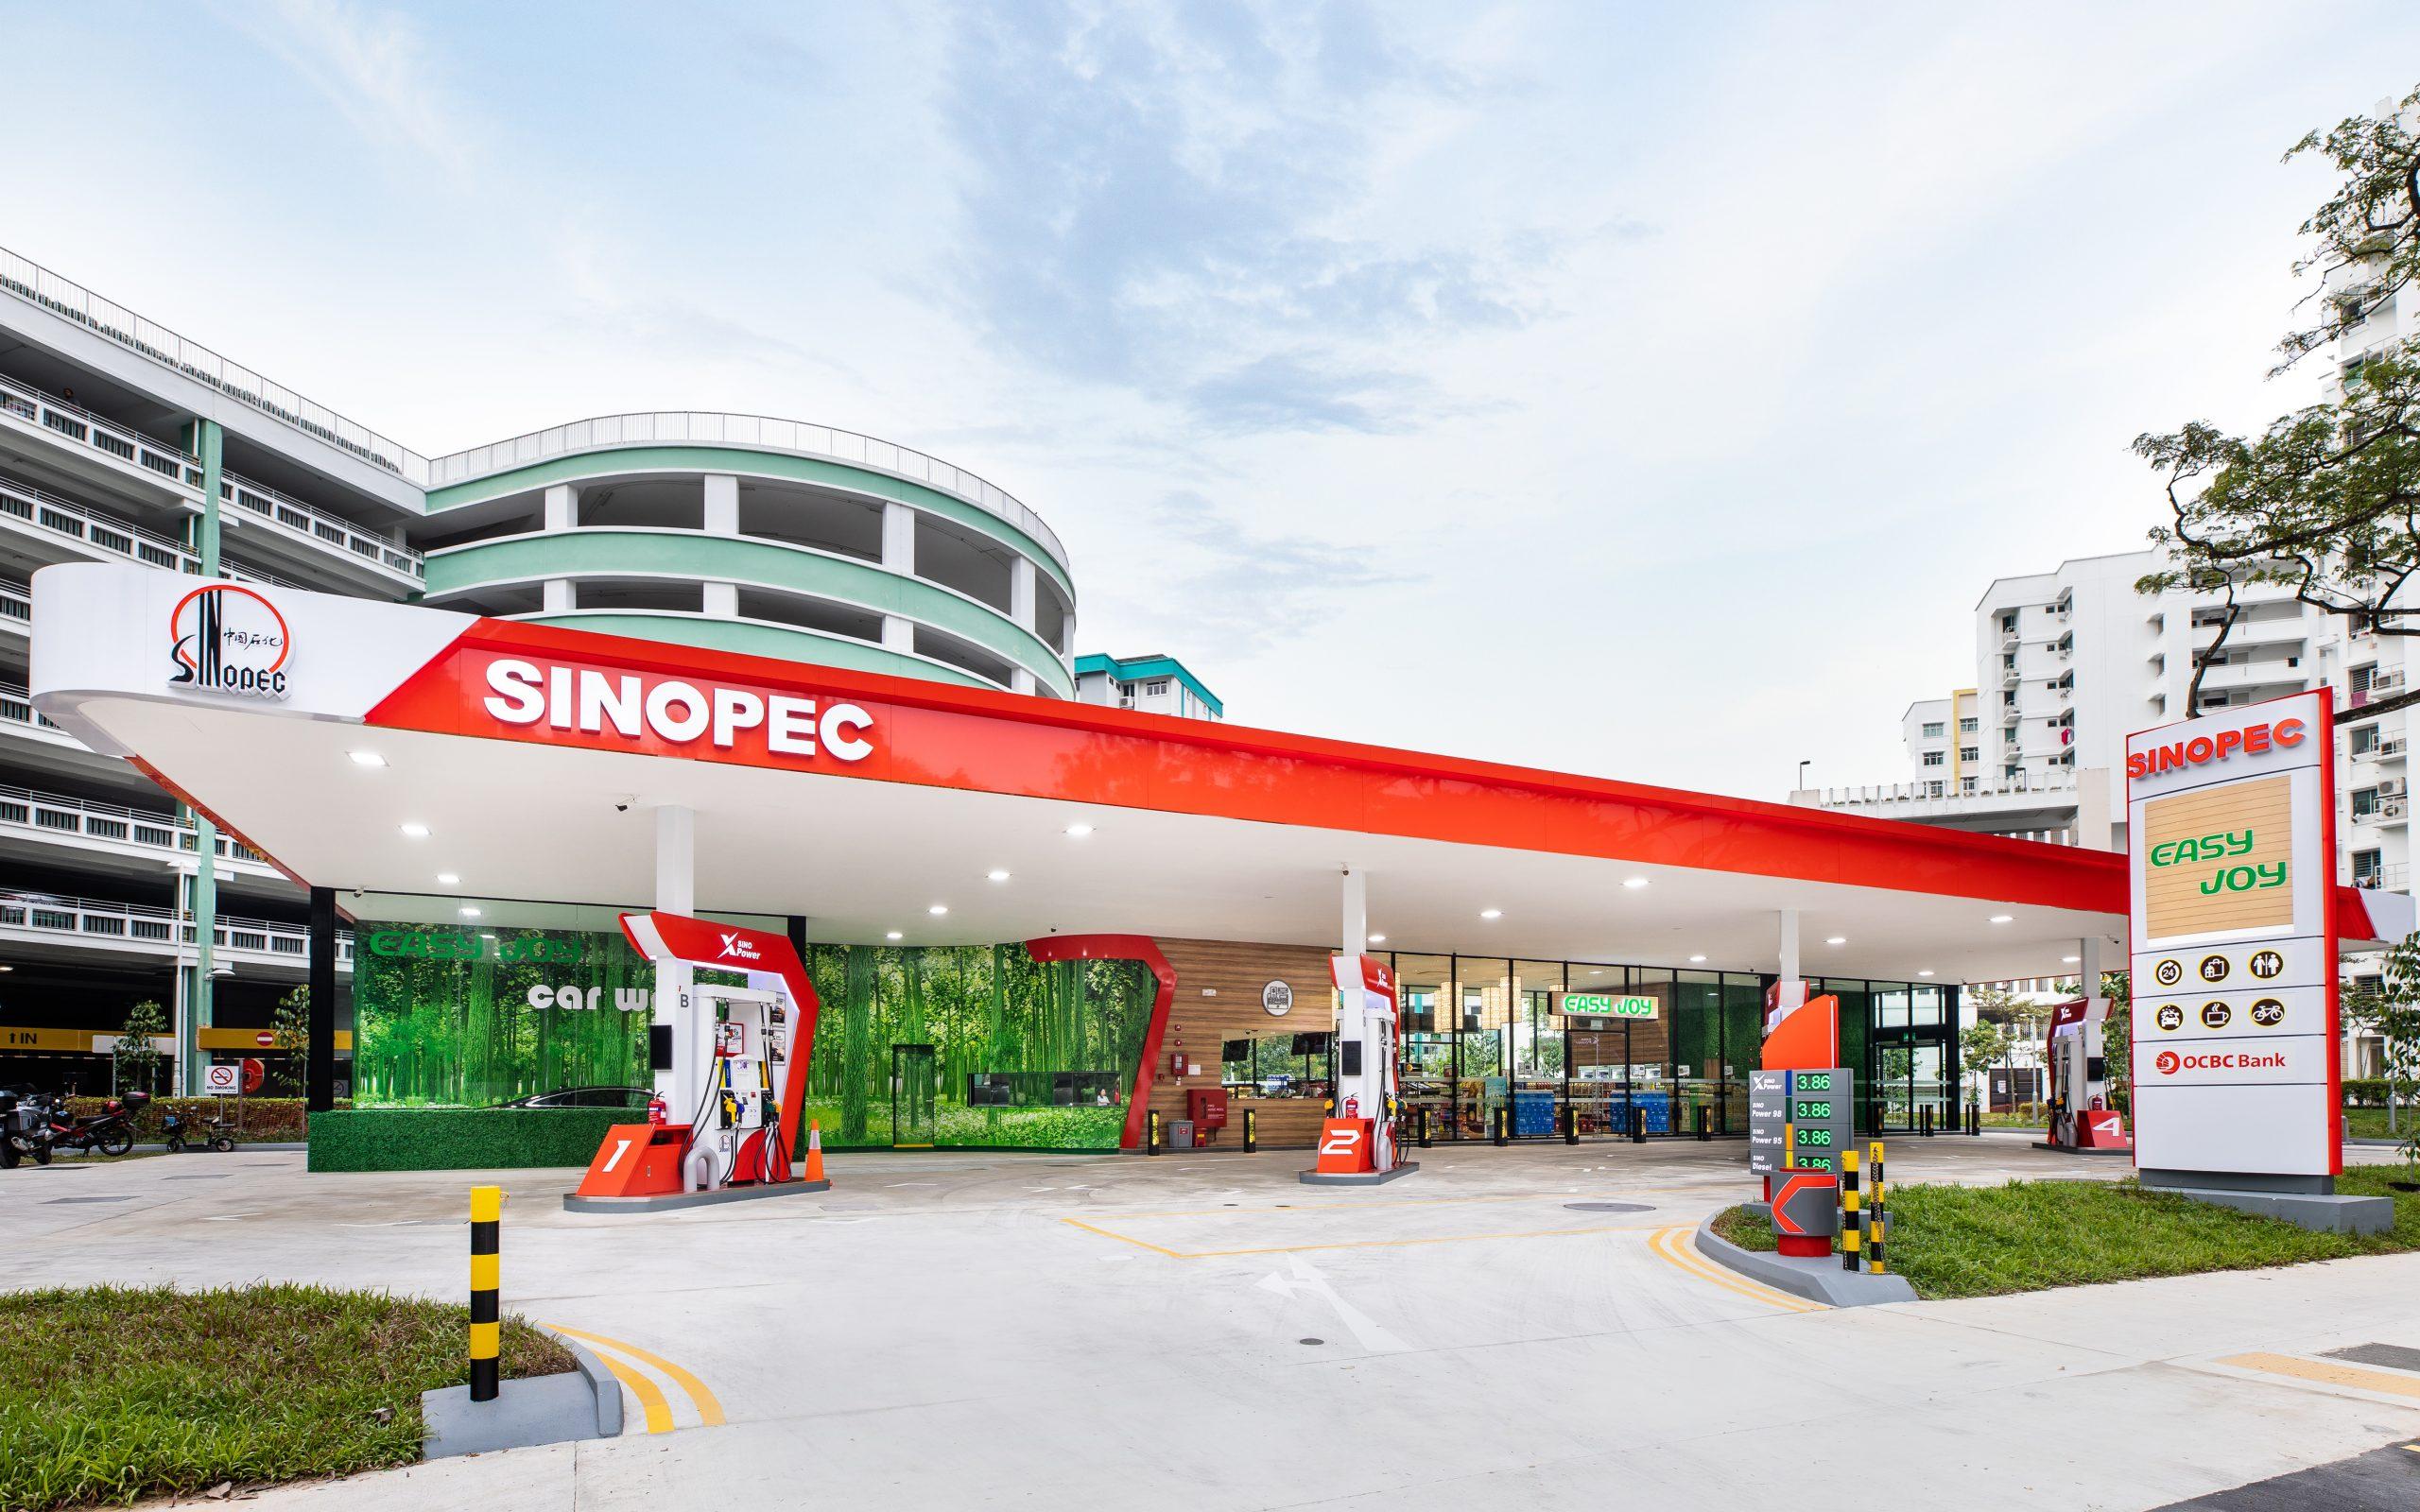 """""""ซิโนเปก"""" ครองแชมป์แบรนด์มูลค่าสูงสุดในอุตสาหกรรมพลังงานและเคมีของจีน"""